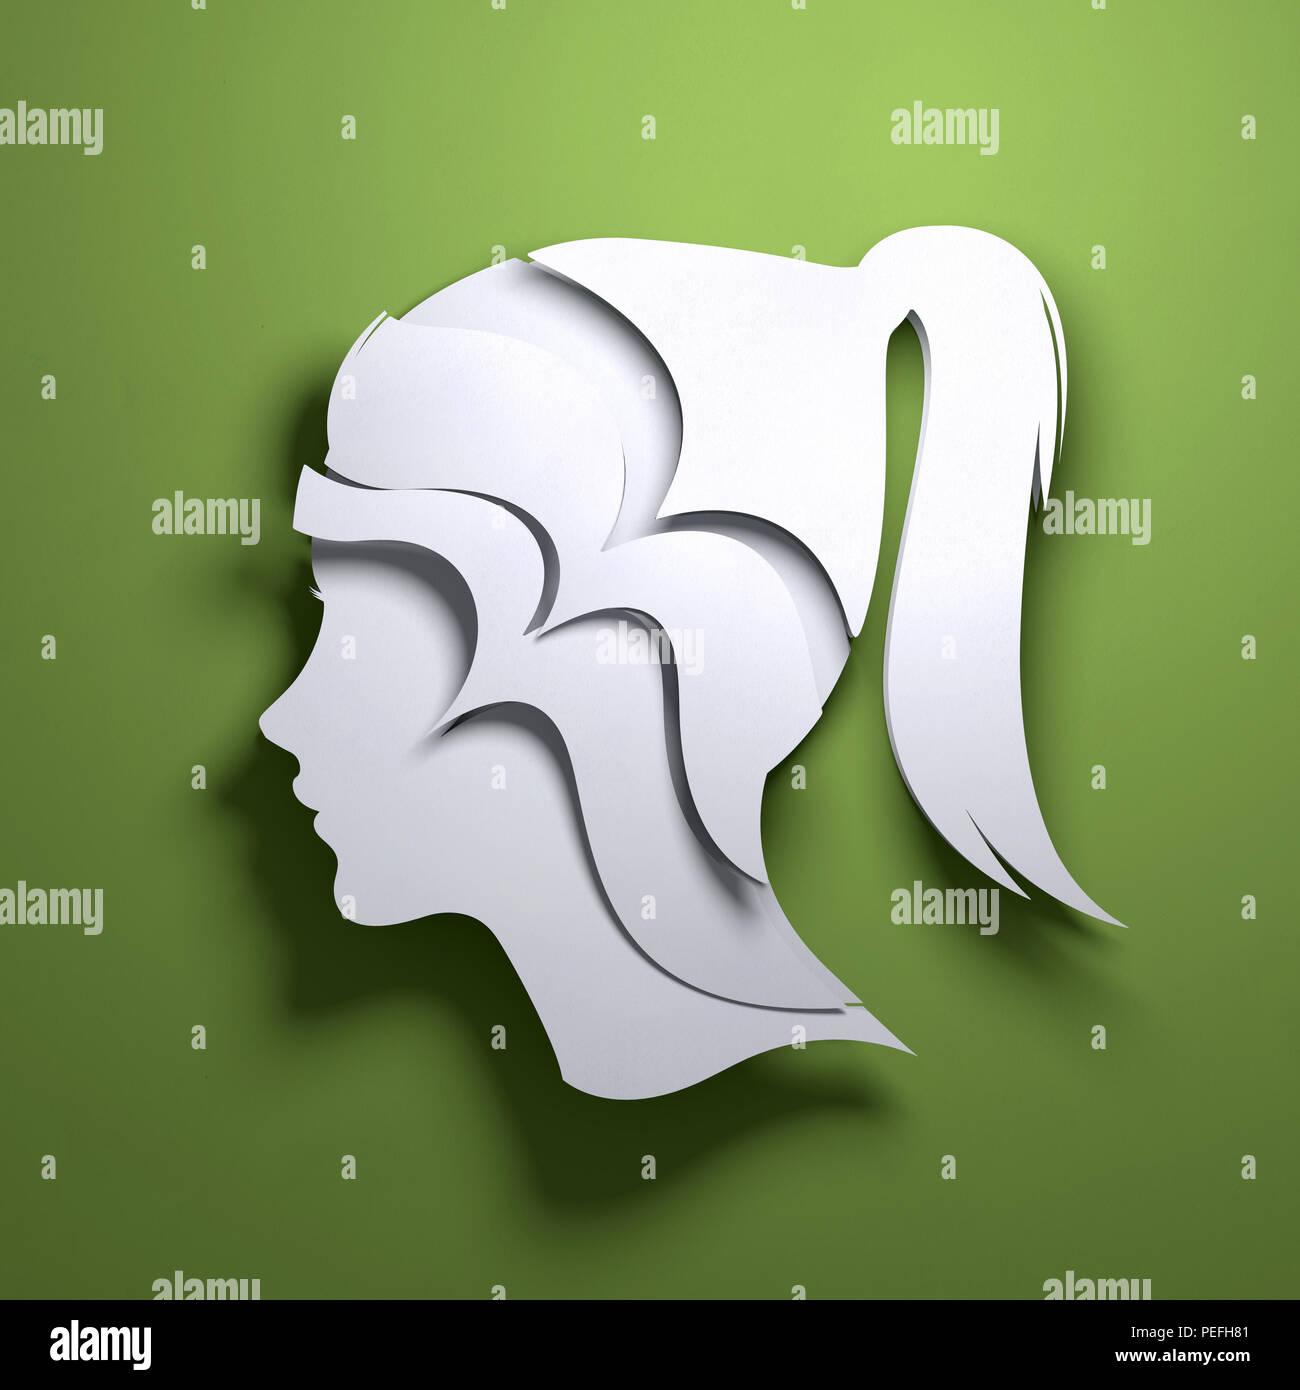 Papier plié origami. La silhouette de la tête d'une personne. Mindfulness conceptuel 3D illustration. Photo Stock